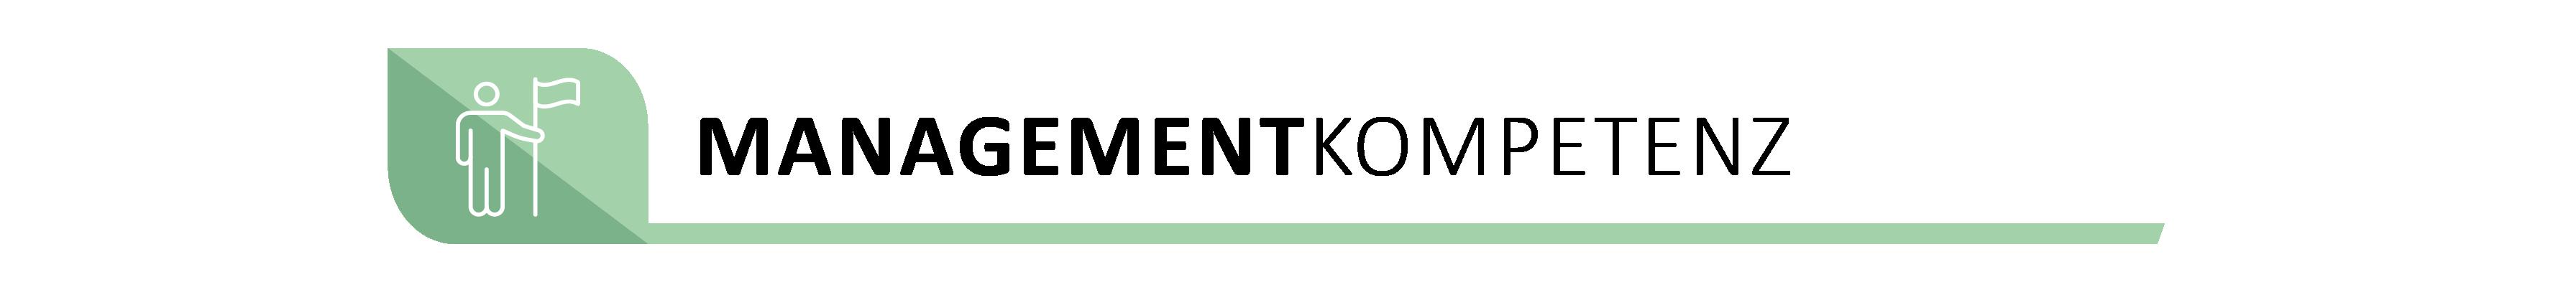 Zwischengrafik_Managementkompetenz-Pastell